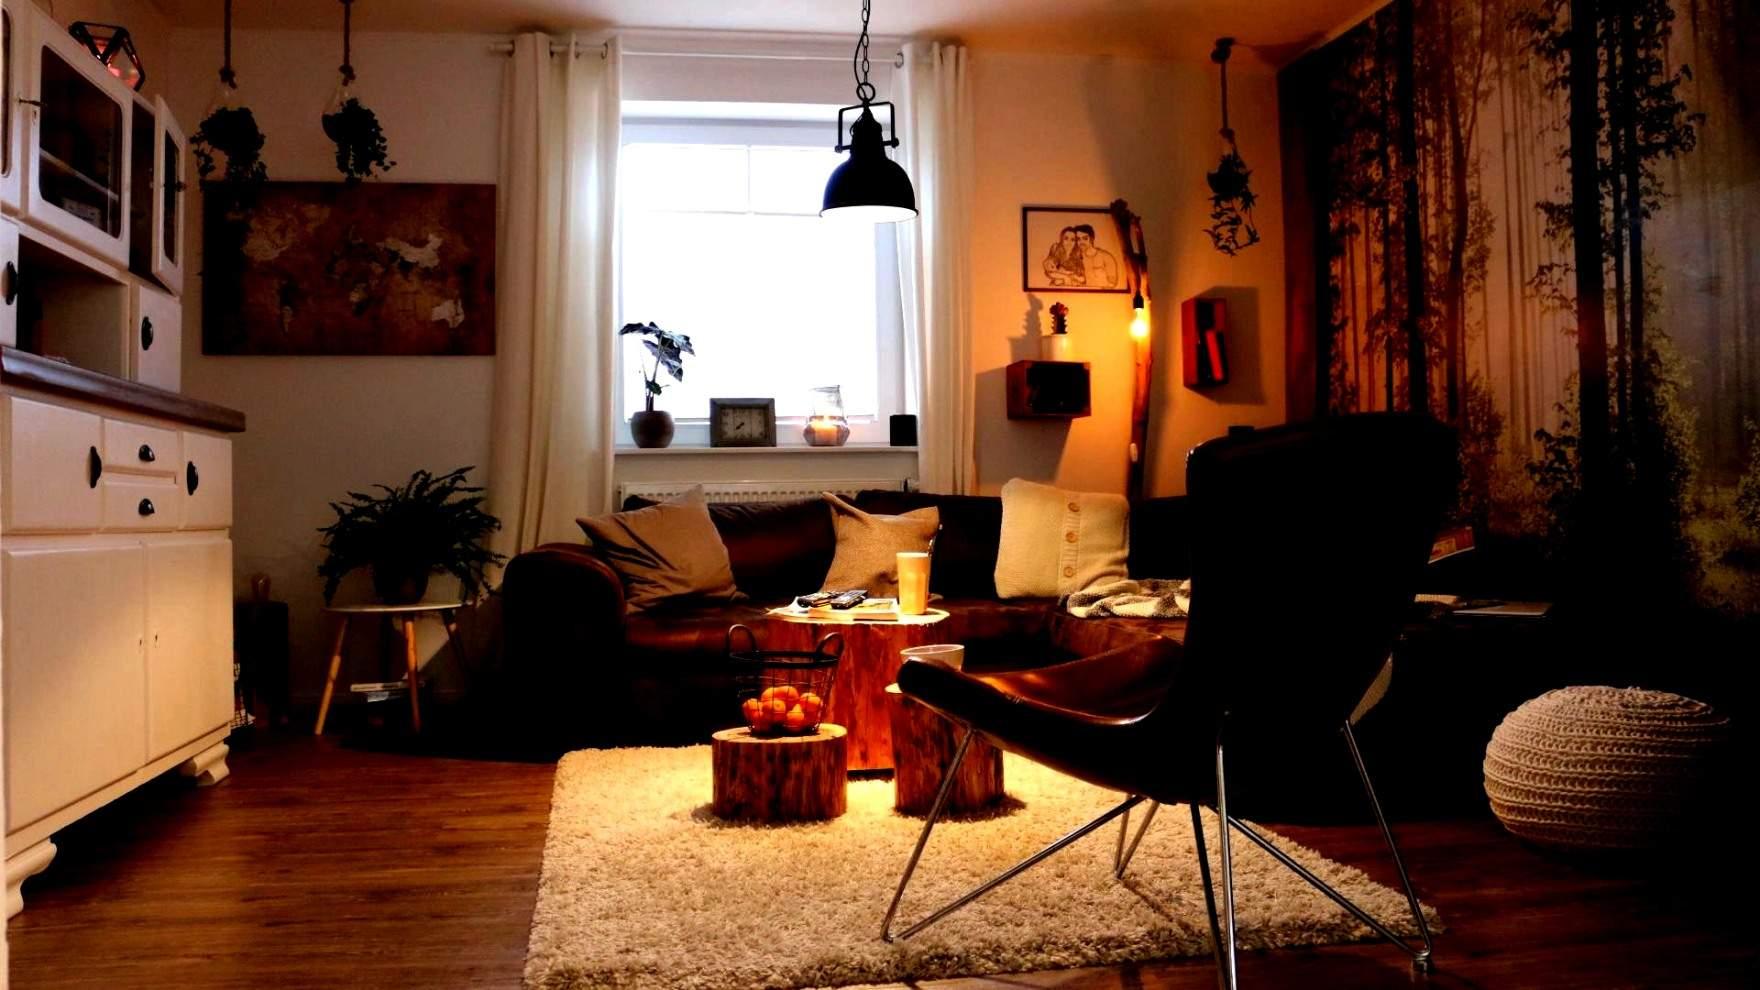 wohnzimmer elegant doppeltur wohnzimmer 0d of wohnzimmer